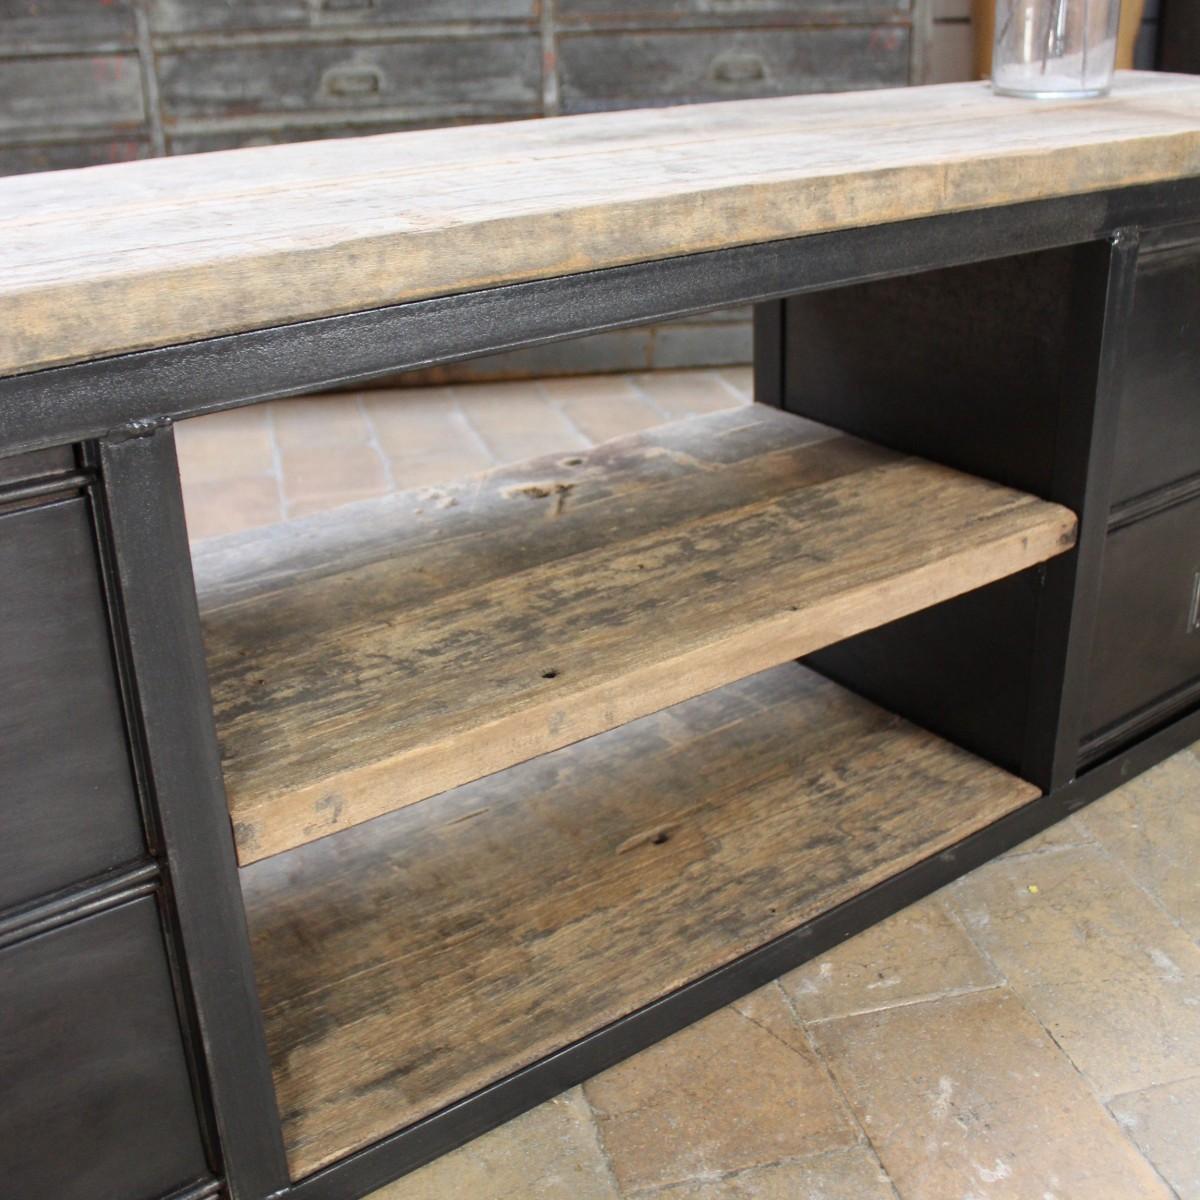 Ma Petite Fabrique De Meubles meuble industriel bas